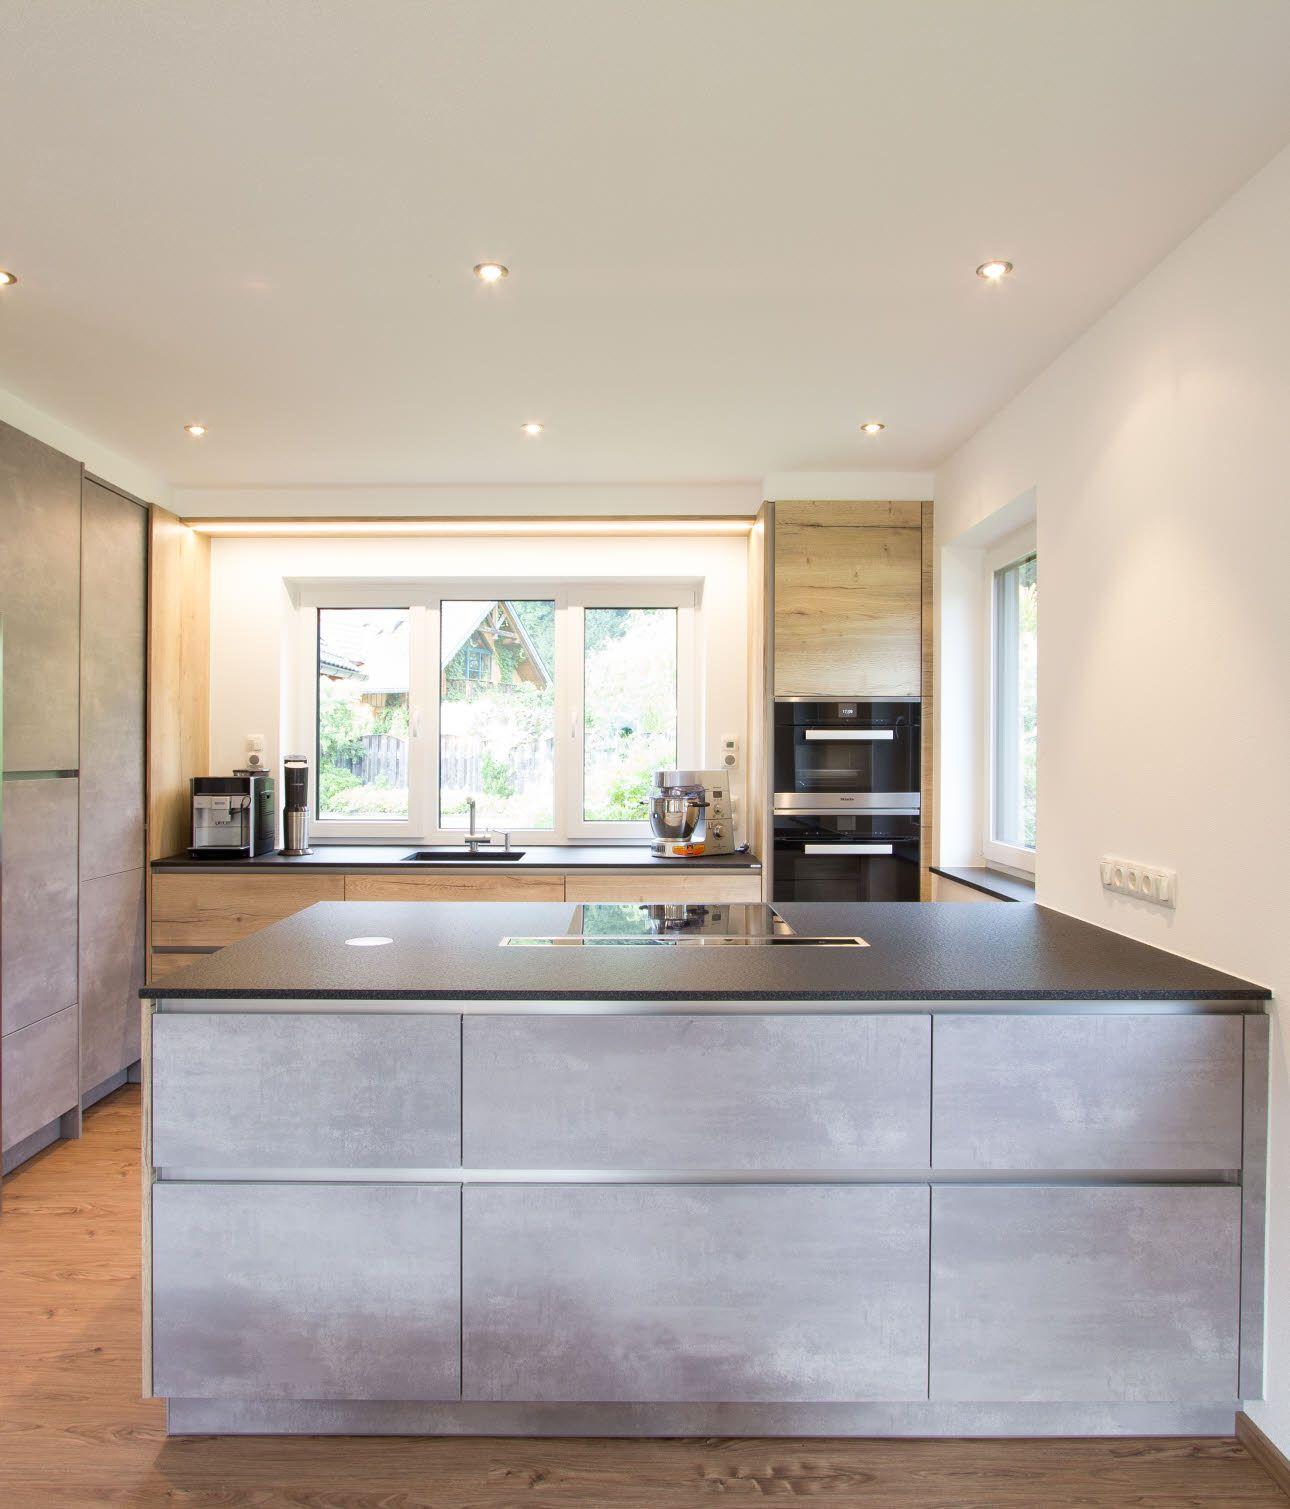 Küche in Betonoptik mit viel Stauraum   Küche betonoptik ...